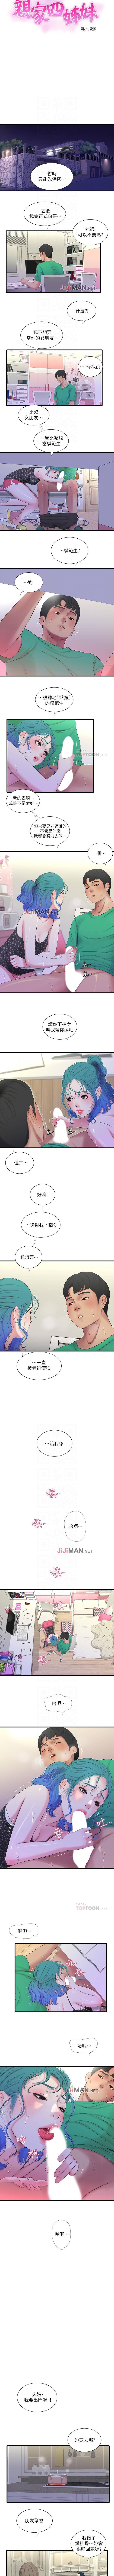 【周四连载】亲家四姐妹(作者:愛摸) 第1~31话 133